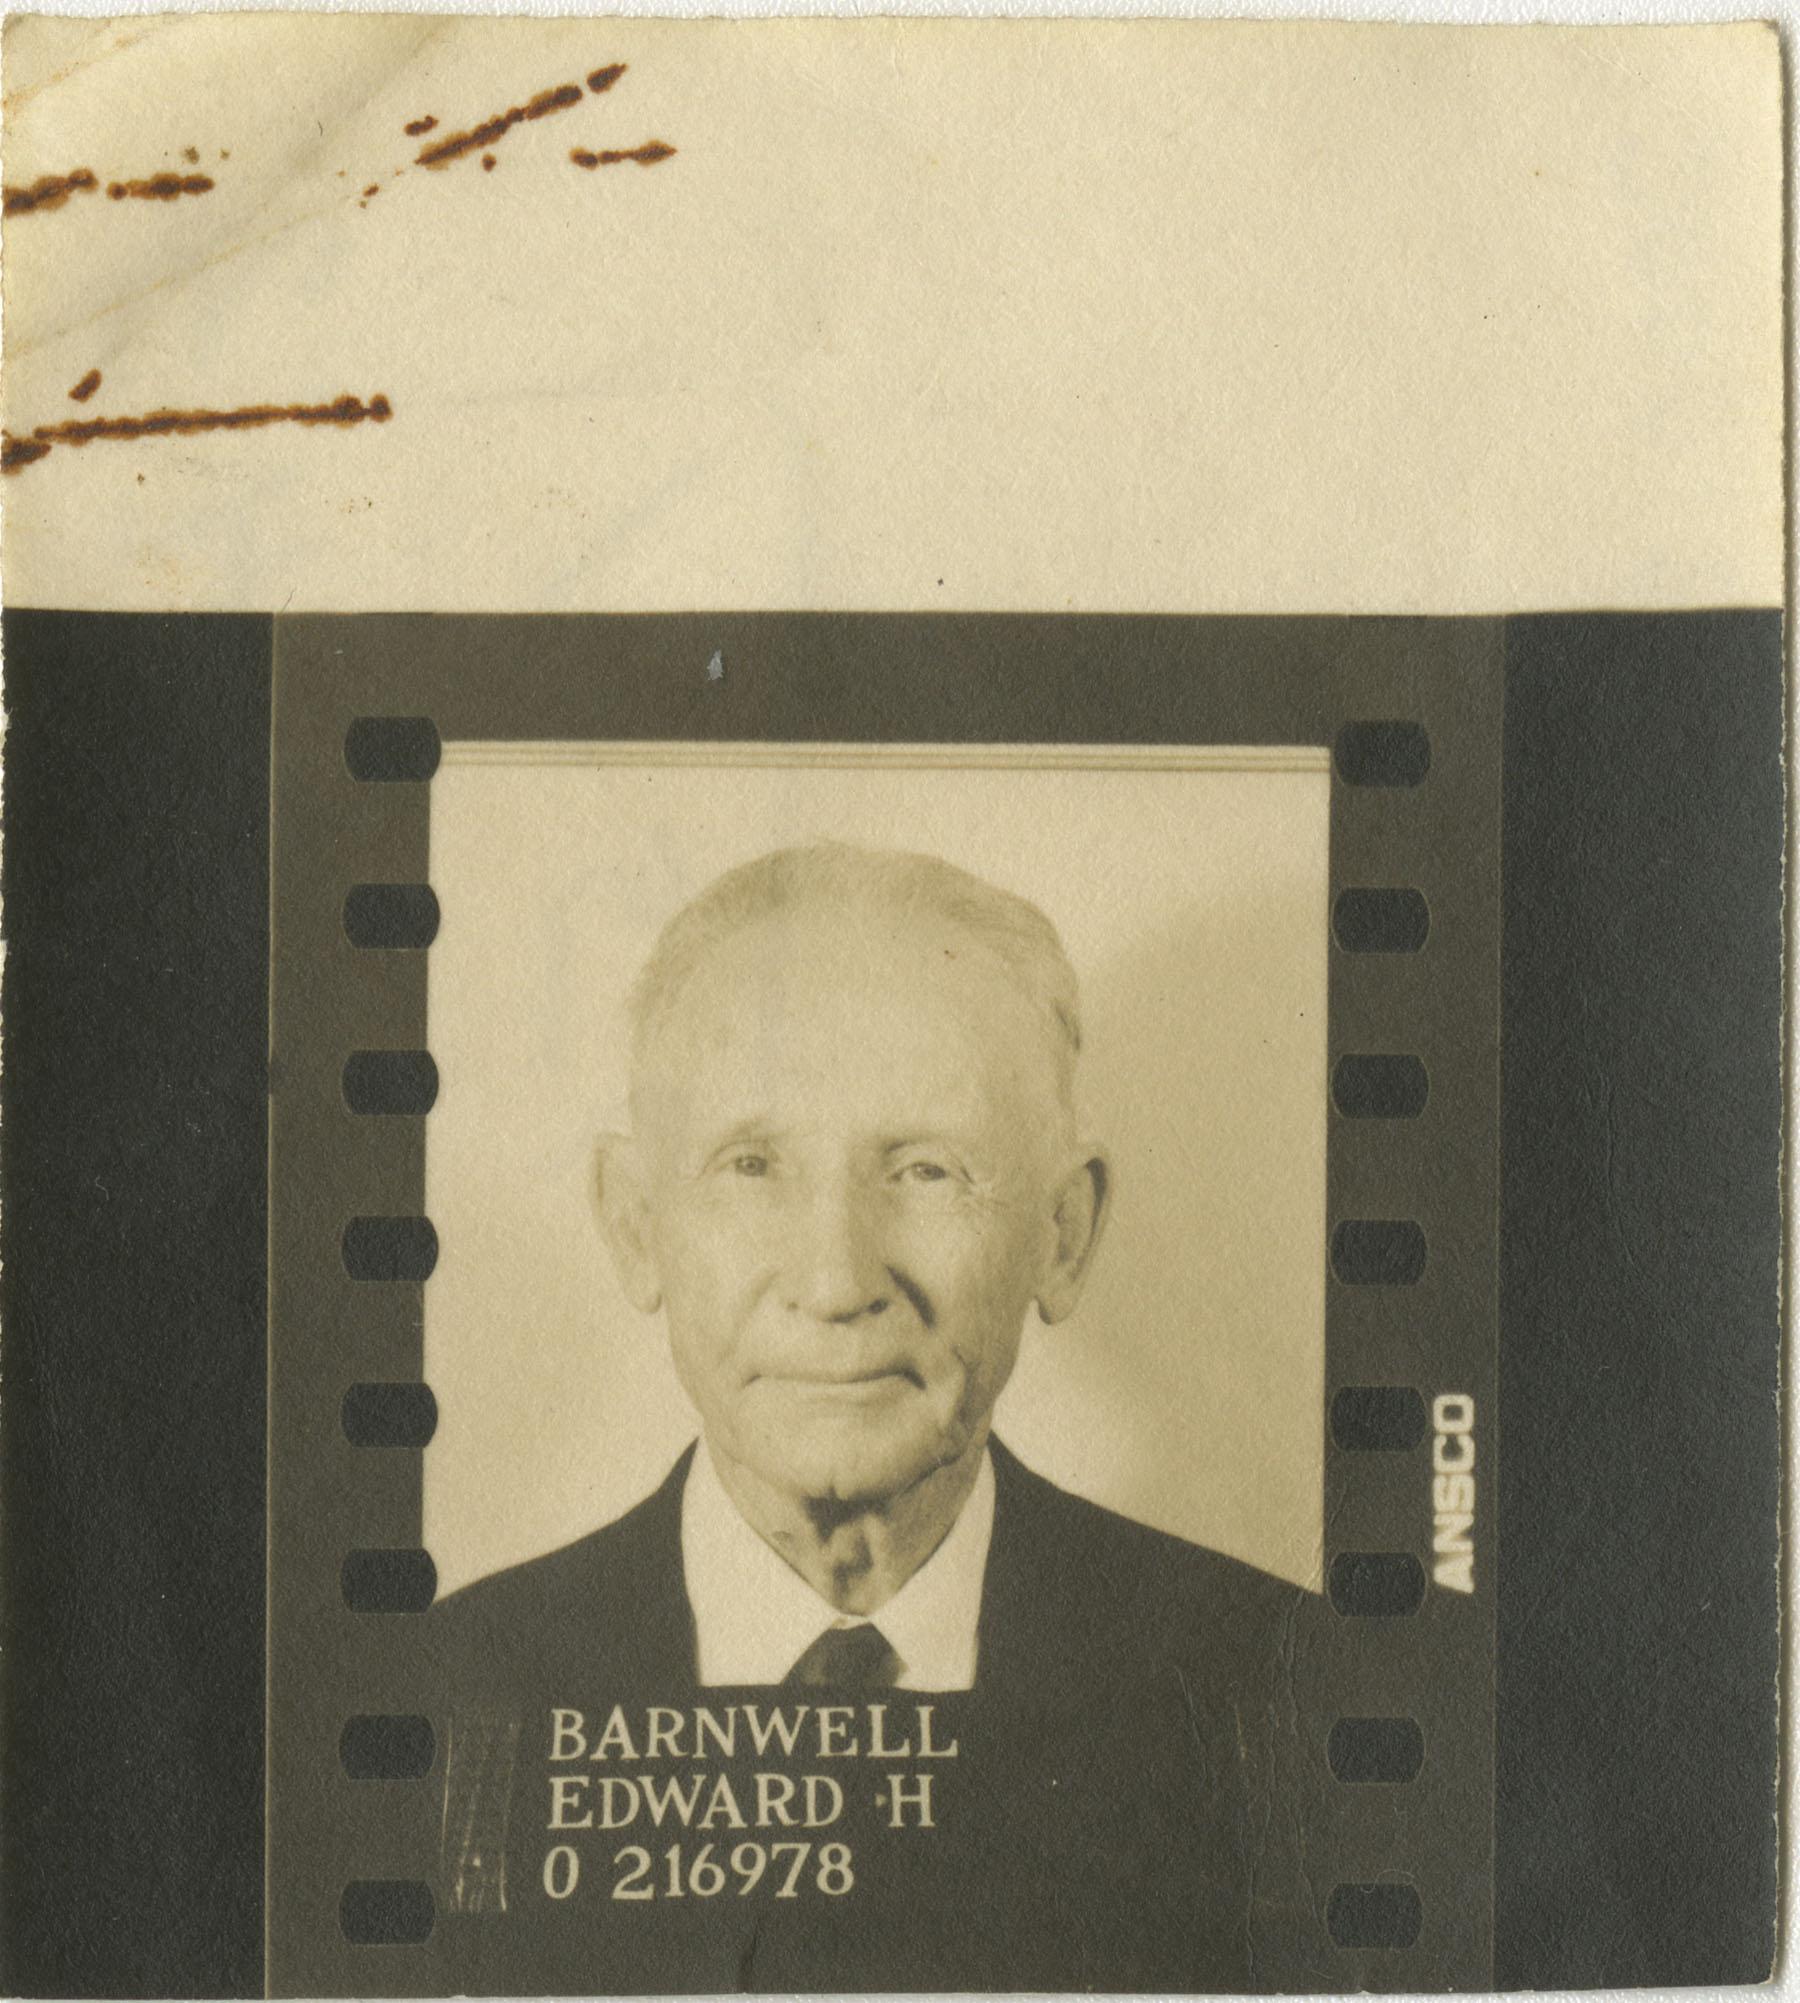 E.H. Barnwell